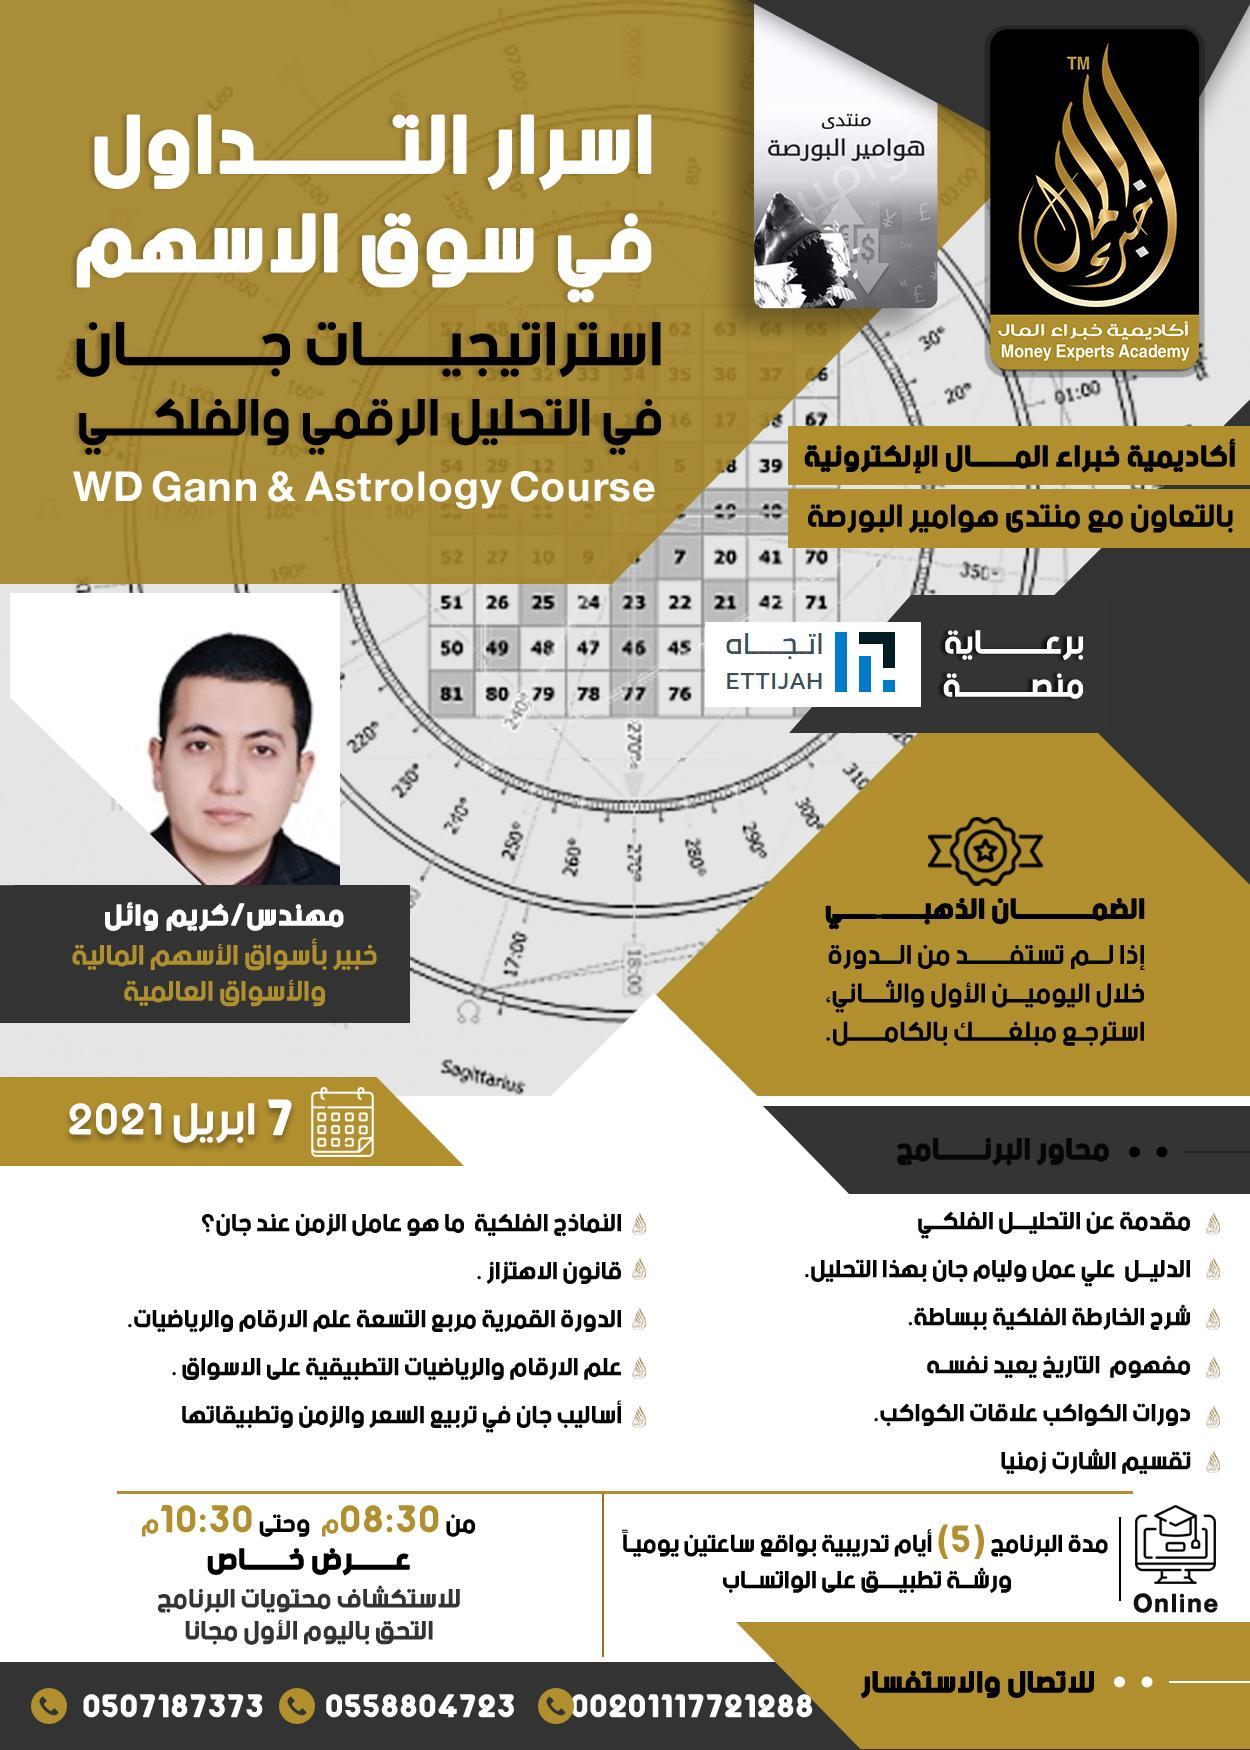 دورة استراتيجية جان في التحليل الرقمي و الفلكي يقدمها م.كريم وائل  7 April